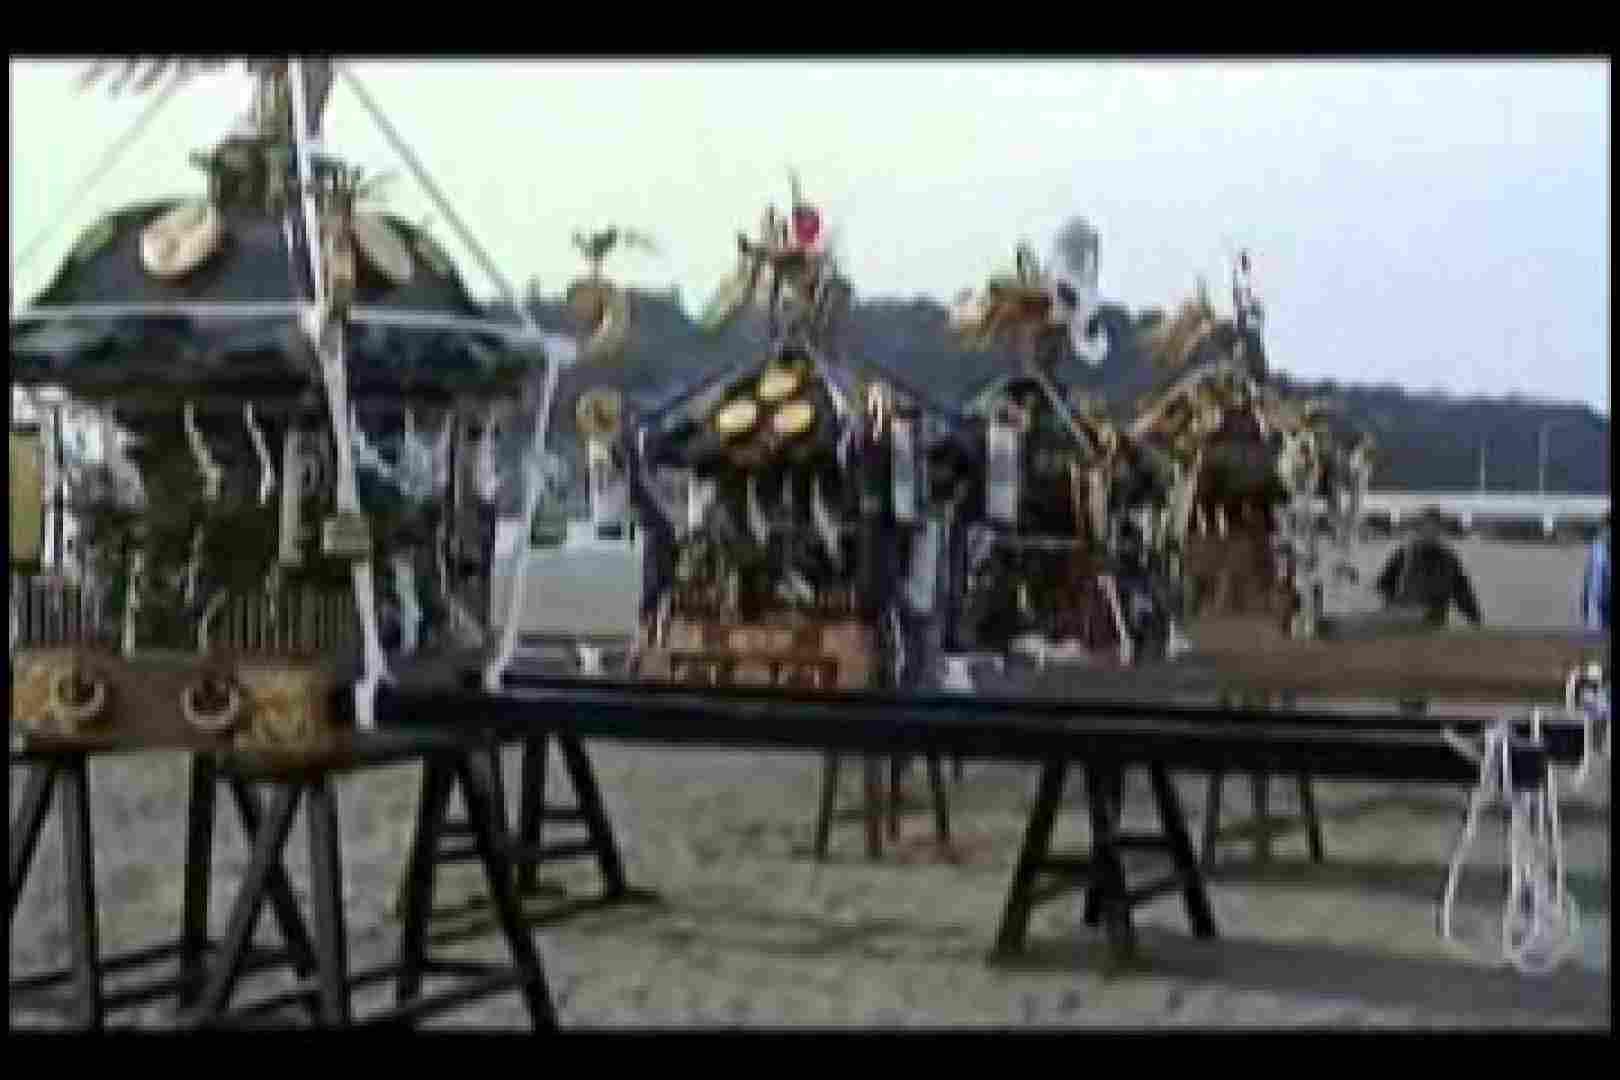 陰間茶屋 男児祭り VOL.1 野外露出セックス ゲイ素人エロ画像 90枚 52